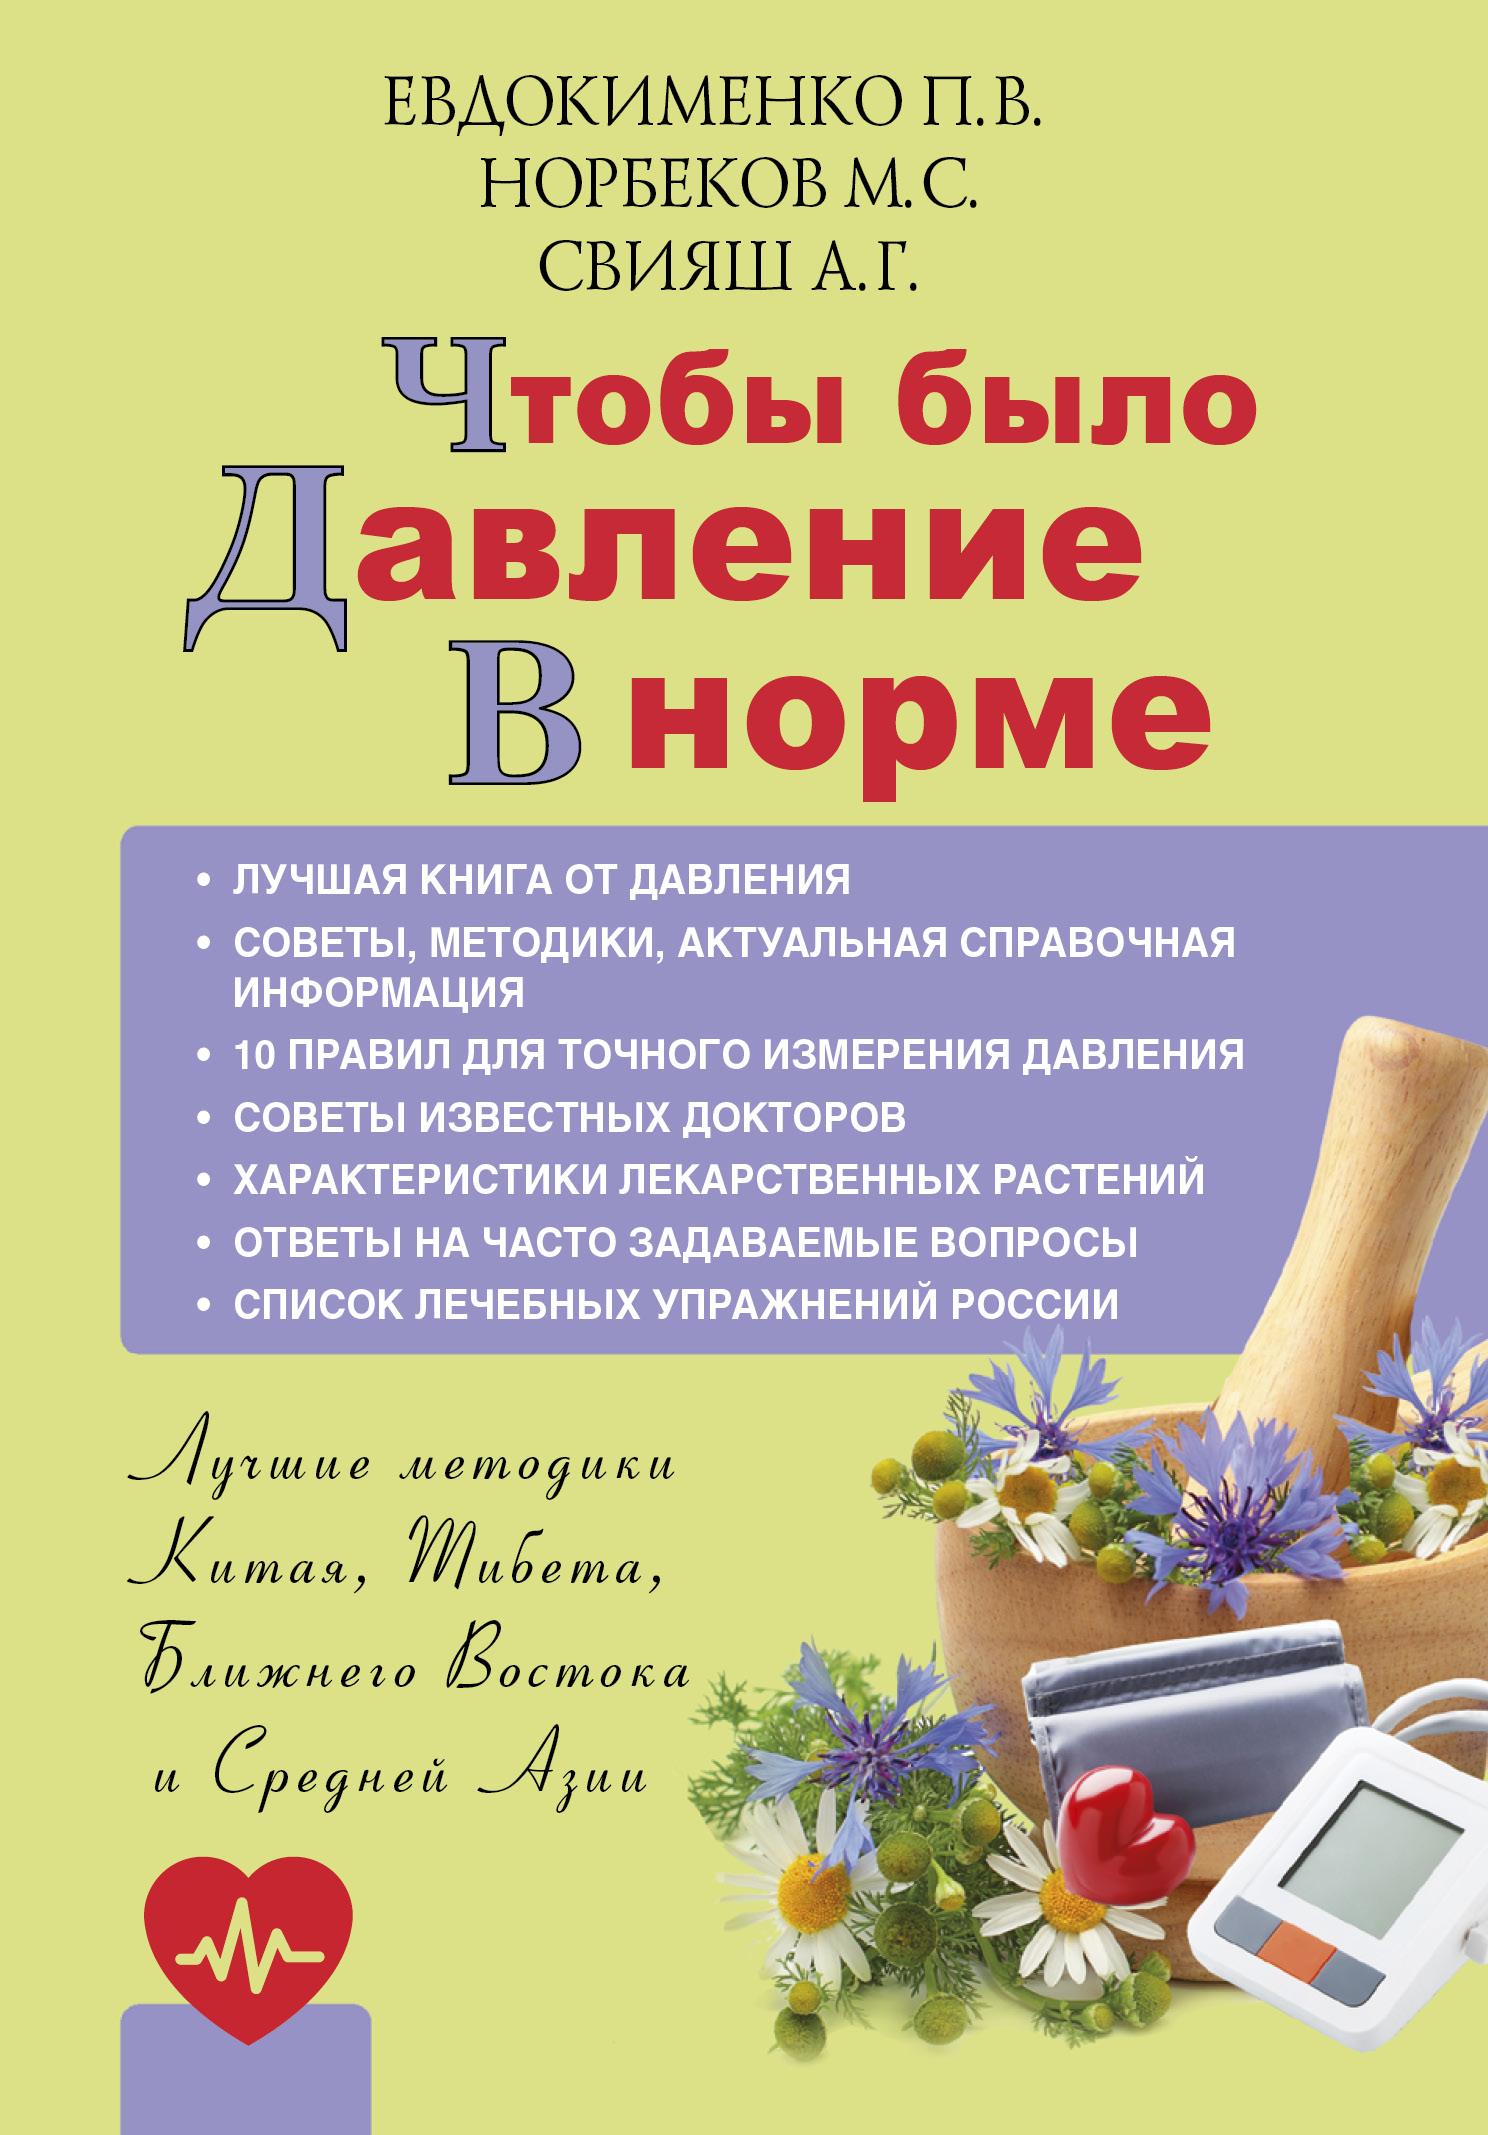 Норбеков М.С., Свияш А.Г.,Евдокименко П.В., Чтобы было давление в норме